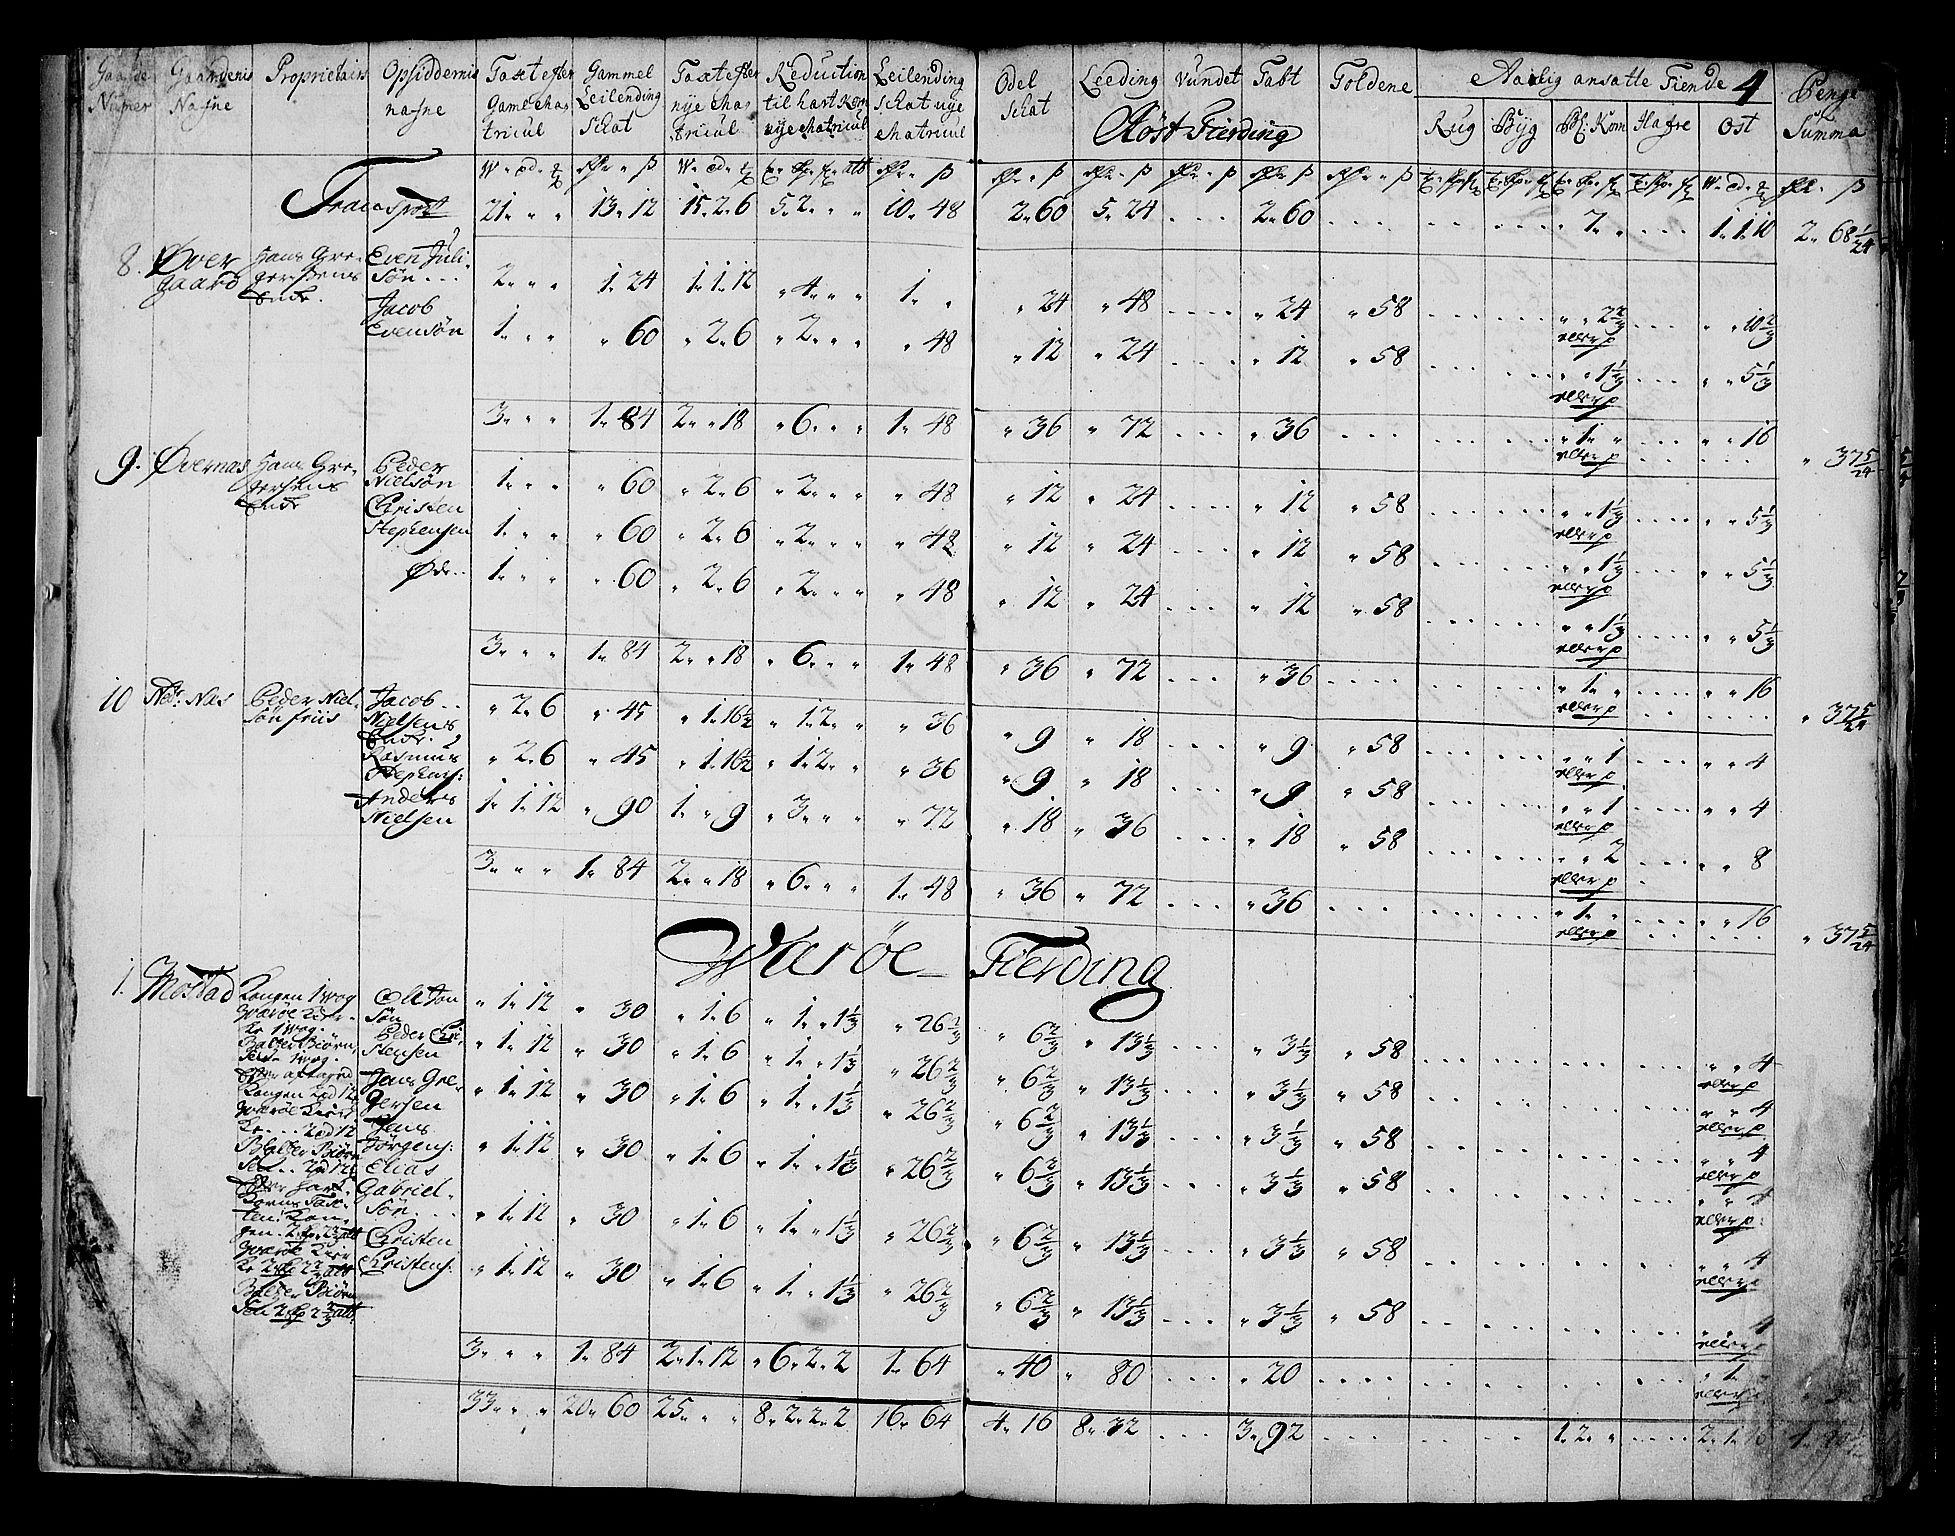 RA, Rentekammeret inntil 1814, Realistisk ordnet avdeling, N/Nb/Nbf/L0175: Lofoten matrikkelprotokoll, 1723, s. 3b-4a